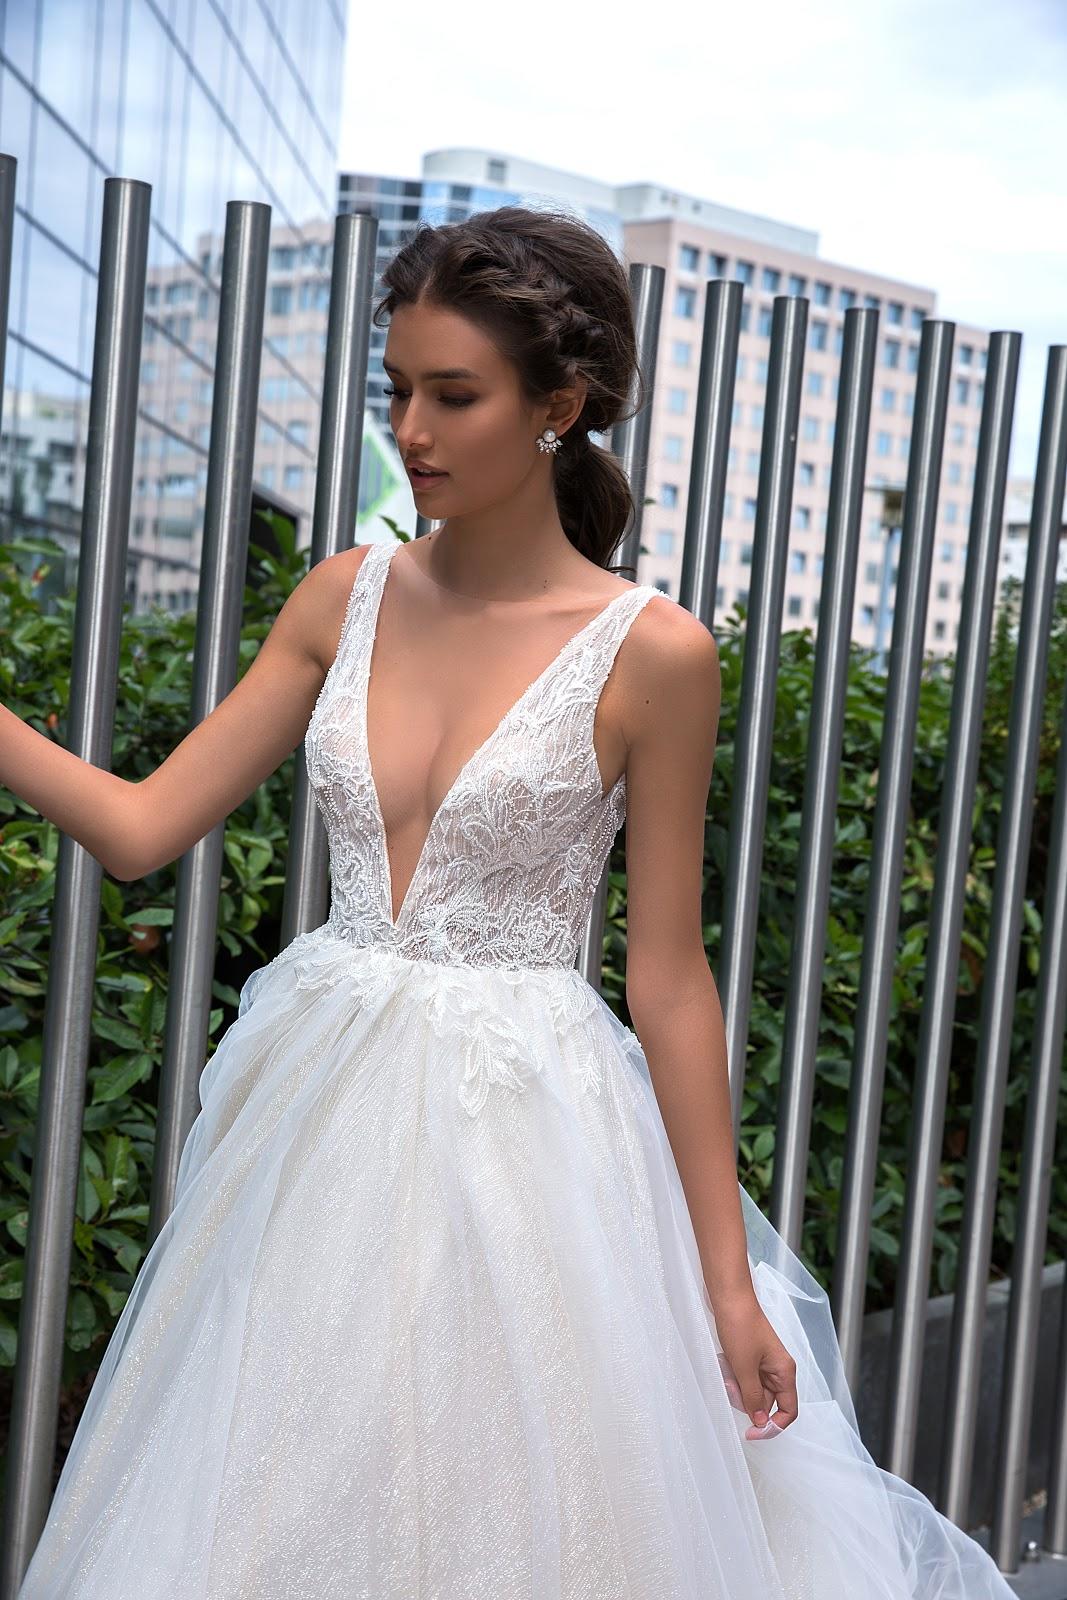 2fe76c494e3d97 Для більшого комфорту наречених, дизайнери вкривають вирізи прозорою  сіткою, яка створює ефект глибокого декольте. Такі сукні візуально  видовжують шию ...